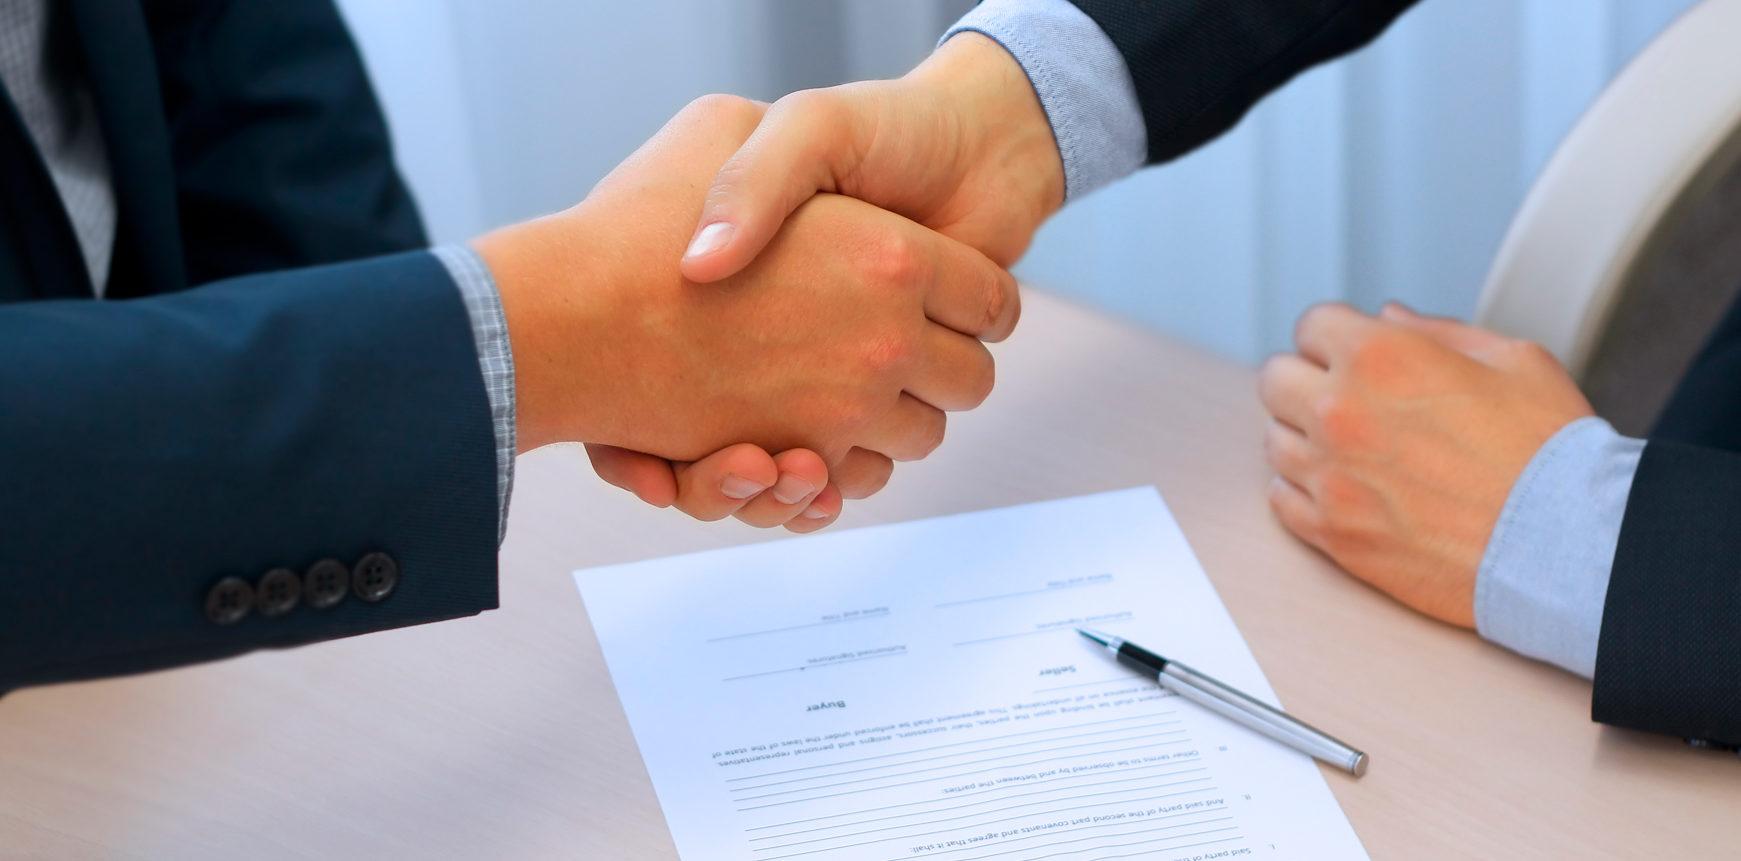 Firma de un acuerdo o tratado